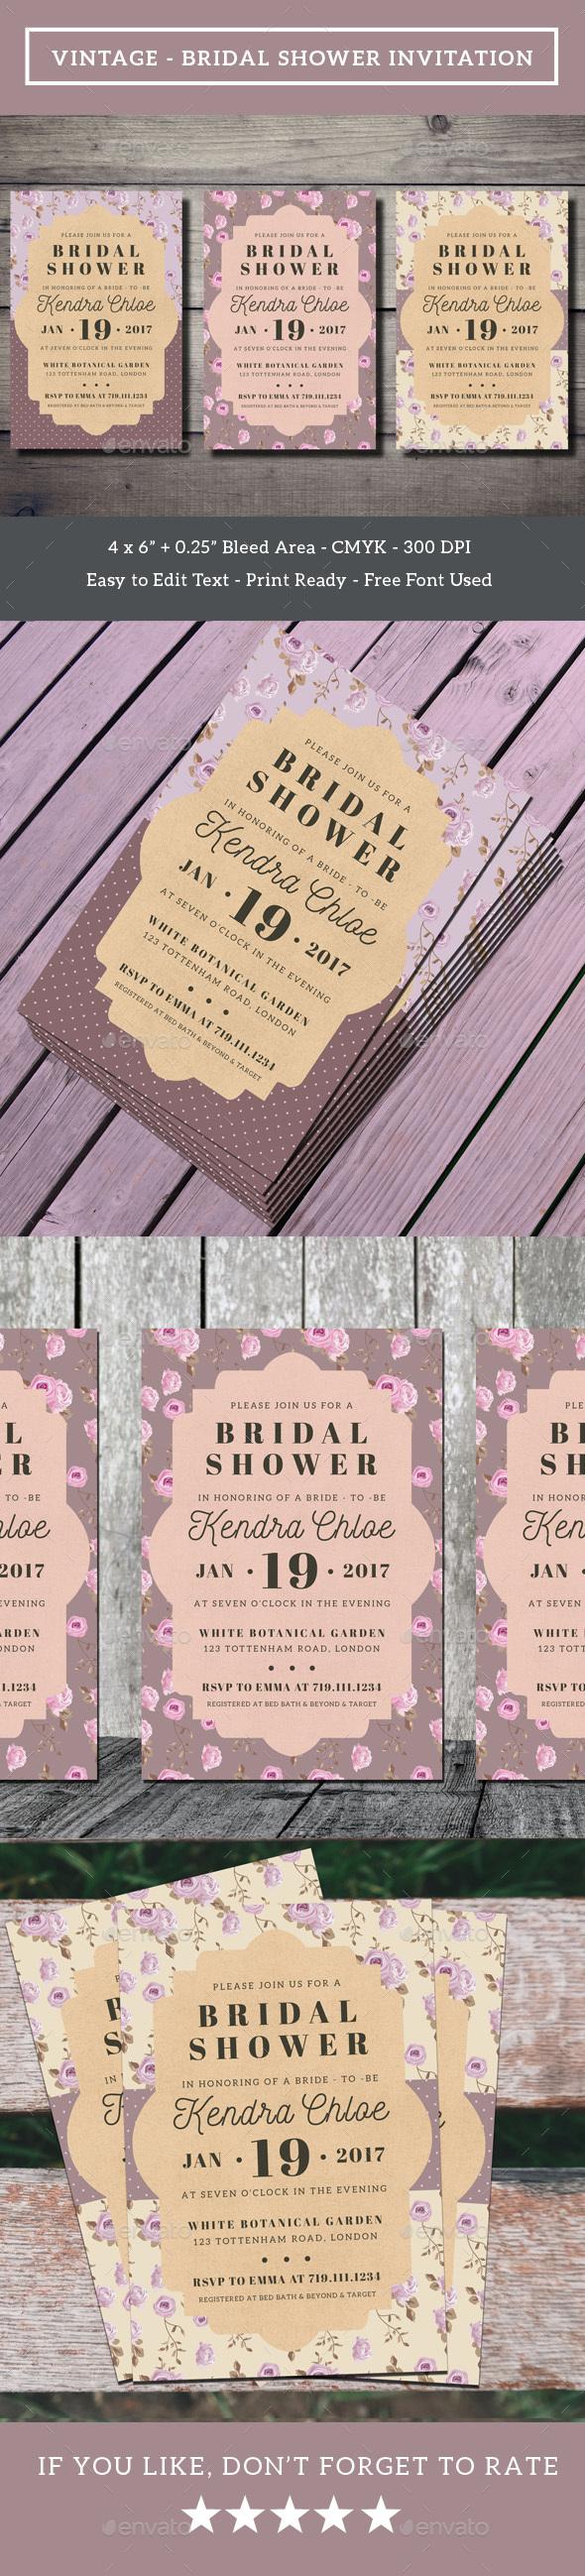 Vintage - Bridal Shower Invitation - Weddings Cards & Invites